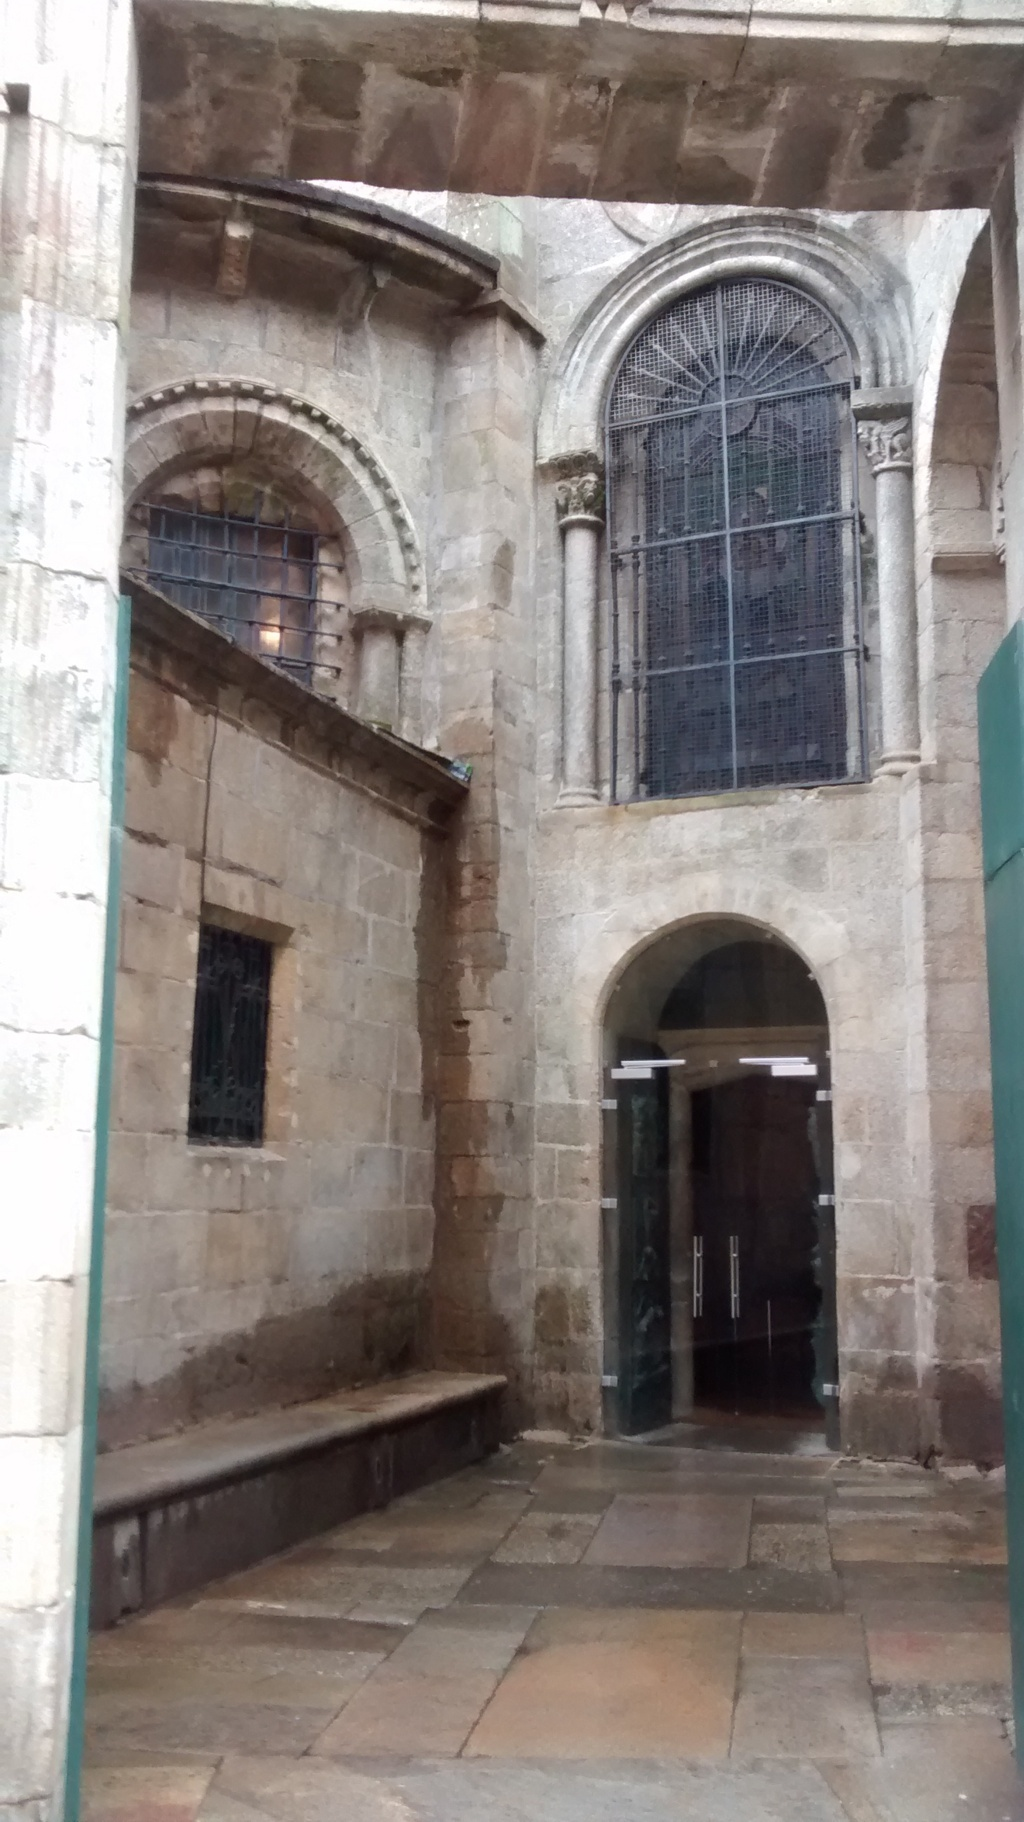 Al interior de la puerta del muro barroco, se encuentra la puerta Santa correspondiente a la catedral románica